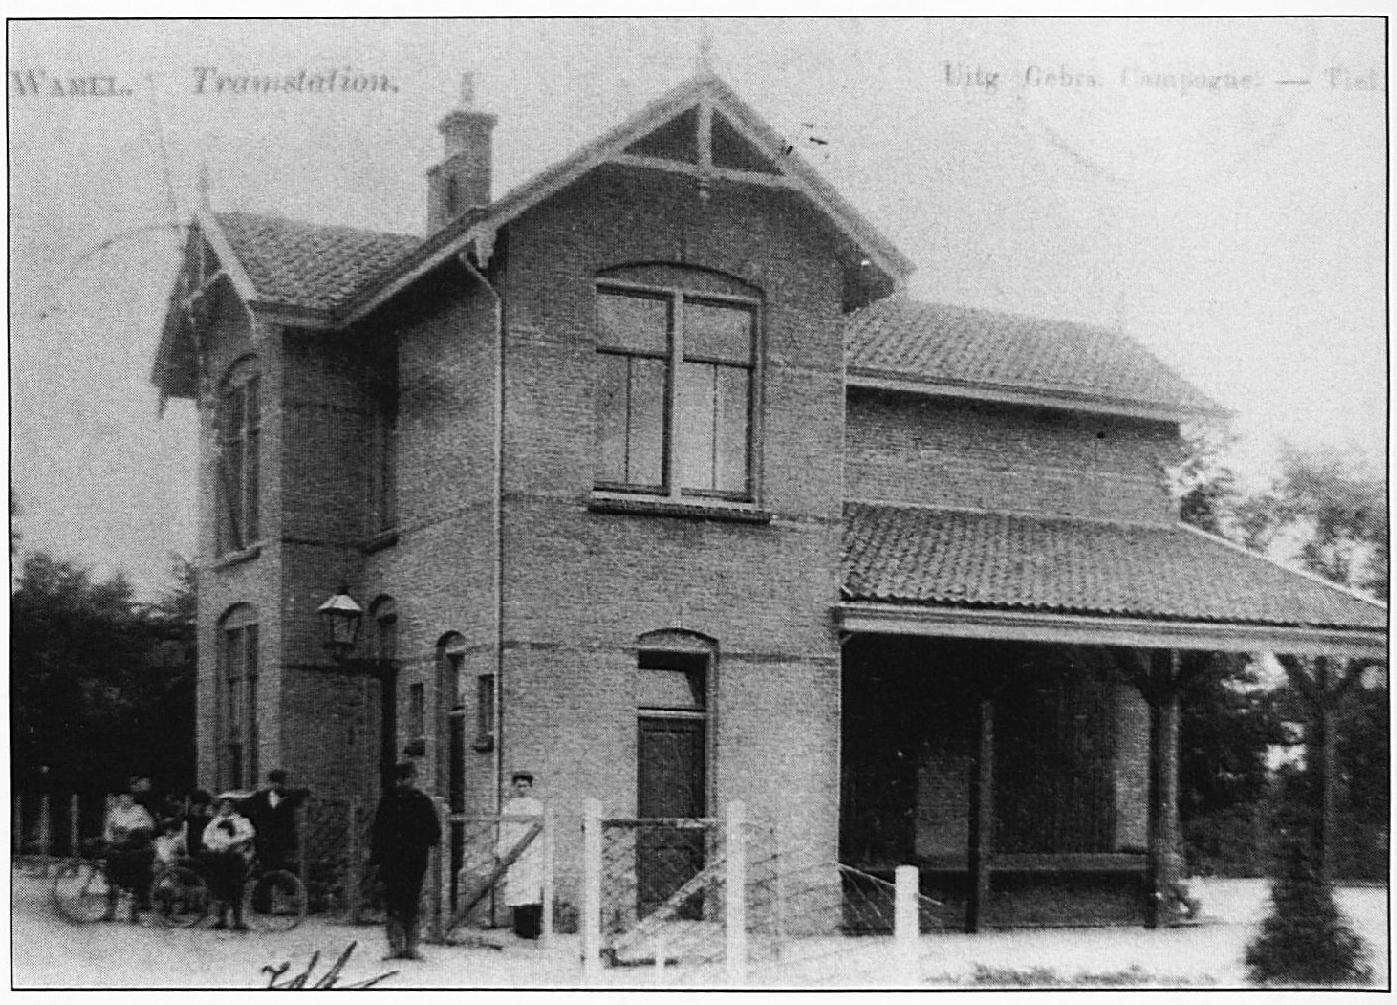 Het tramstation vond een roemloos einde in 1945, toen het verwoest werd door een vliegende bom die op het pand ernaast viel.